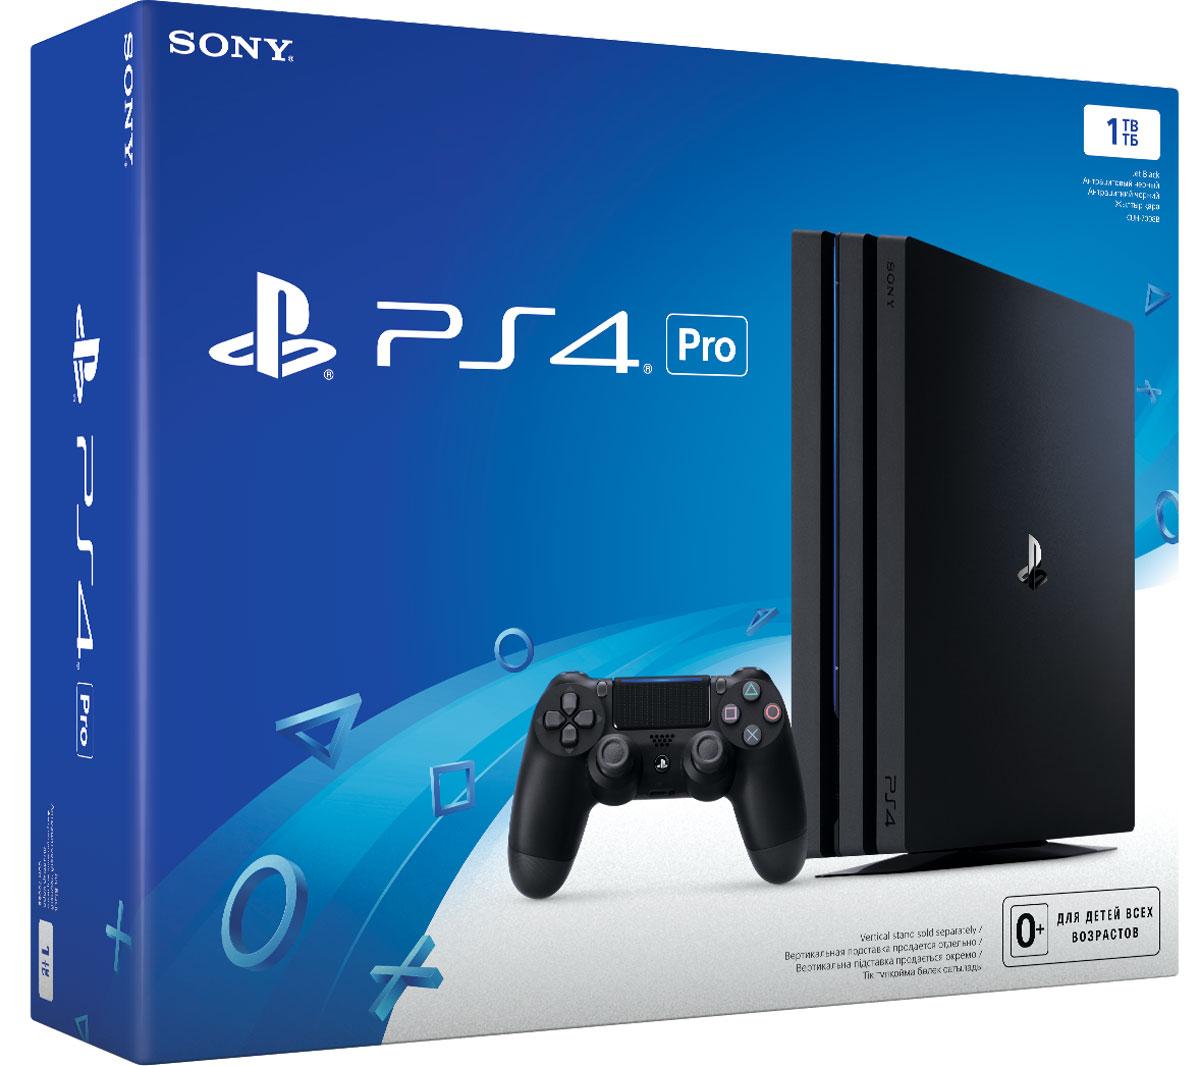 Игровая приставка Sony PlayStation 4 Pro (1 TB), Black (CUH-7008B)1CSC20002462Благодаря повышенной производительности центрального и графического процессоров, PS4 Pro позволяет добиться в играх графики со значительно большим числом деталей и беспрецедентной четкостью изображения. Пользователи с 4К телевизорами смогут насладиться всеми играми на PS4 в улучшенном качестве с разрешением 4К и более высокой и стабильной частотой кадров. Кроме того, PS4 Pro поддерживает воспроизведение 4К видео, что позволяет пользоваться 4К стриминговыми сервисами, в том числе Netflix и YouTube. Владельцы HDTV также смогут испытать новый игровой опыт от PS4 Pro, ведь система позволяет запускать все игры PS4 в разрешении 1080p, а также повысить частоту кадров и ее стабильность для некоторых поддерживаемых игр. Кроме того, заглядывая в будущее визуальных технологий, все системы PS4, включая PS4 Pro, будут поддерживать технологию HDR, что позволит воспроизводить светлые и темные сцены с помощью гораздо большего количества цветов. Пользователи,...